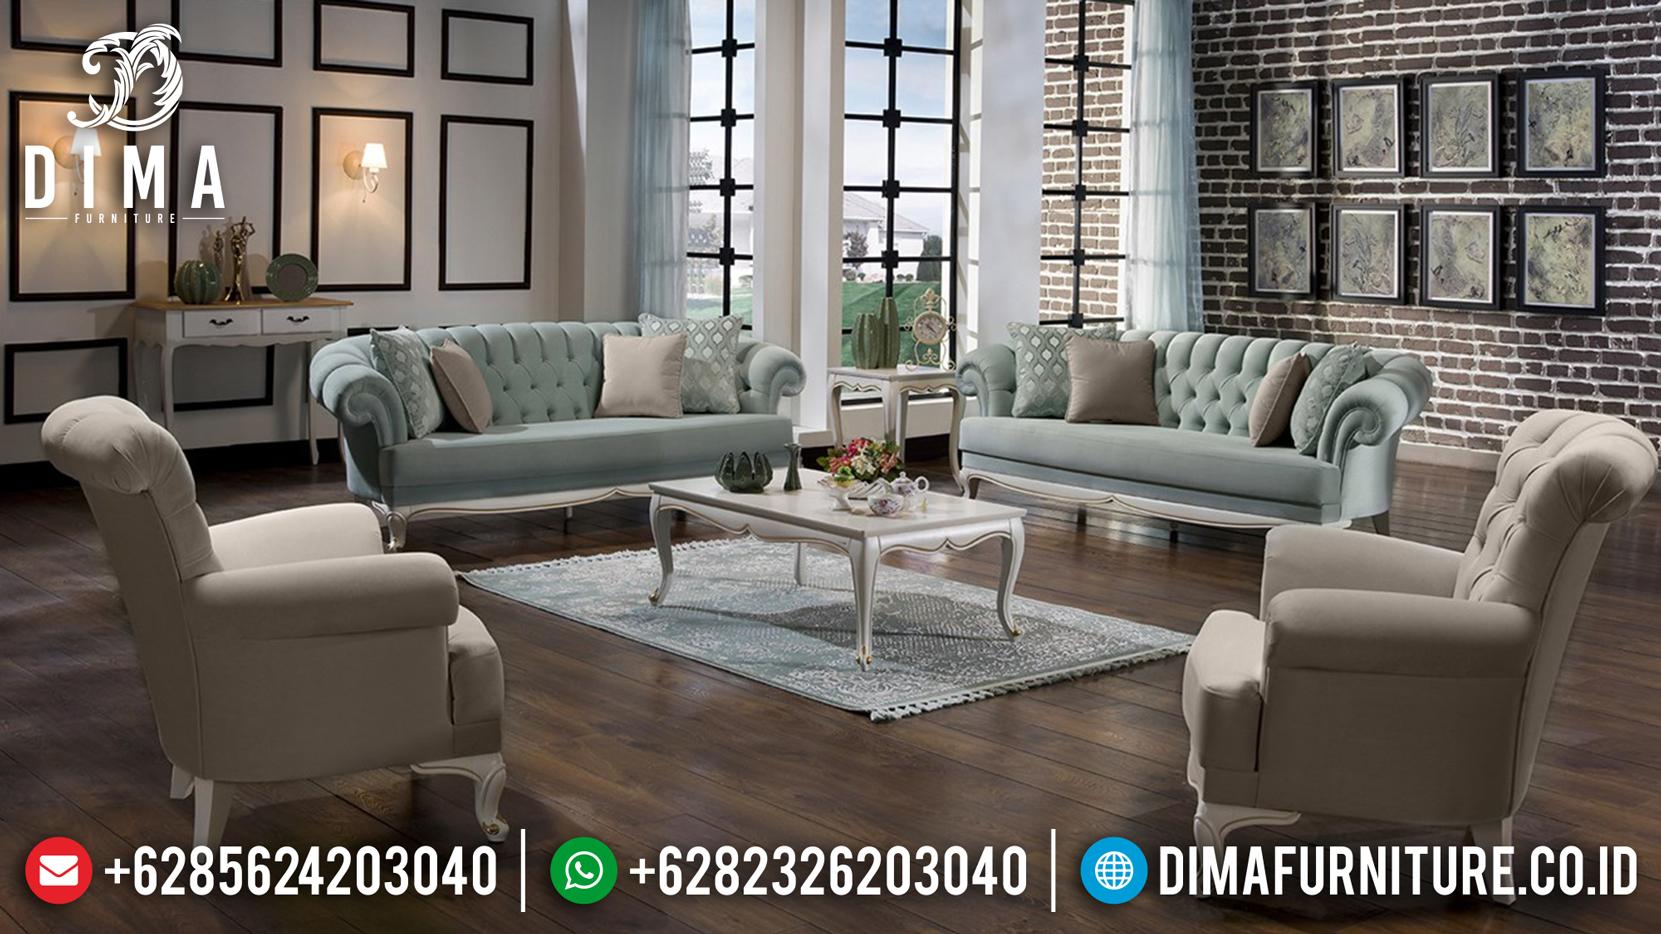 Loveseat Sofa Tamu Minimalis Jepara Model Terbaru Vanessa DF-0750 Gambar 2